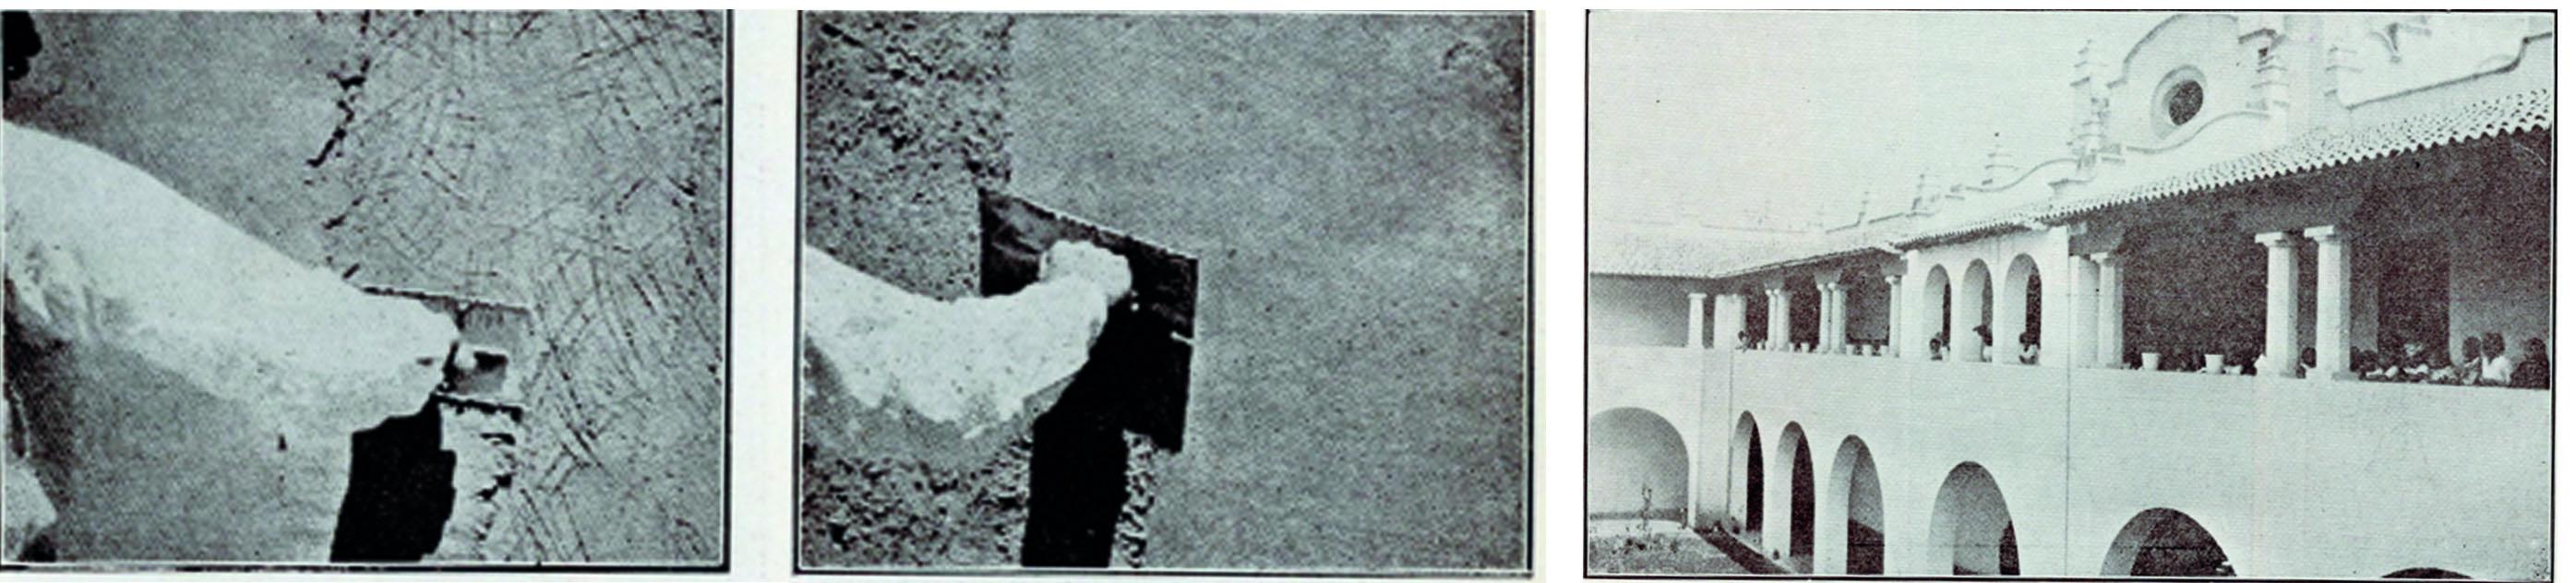 La Escuela Benito Juárez y el boom del cemento en los años veinte